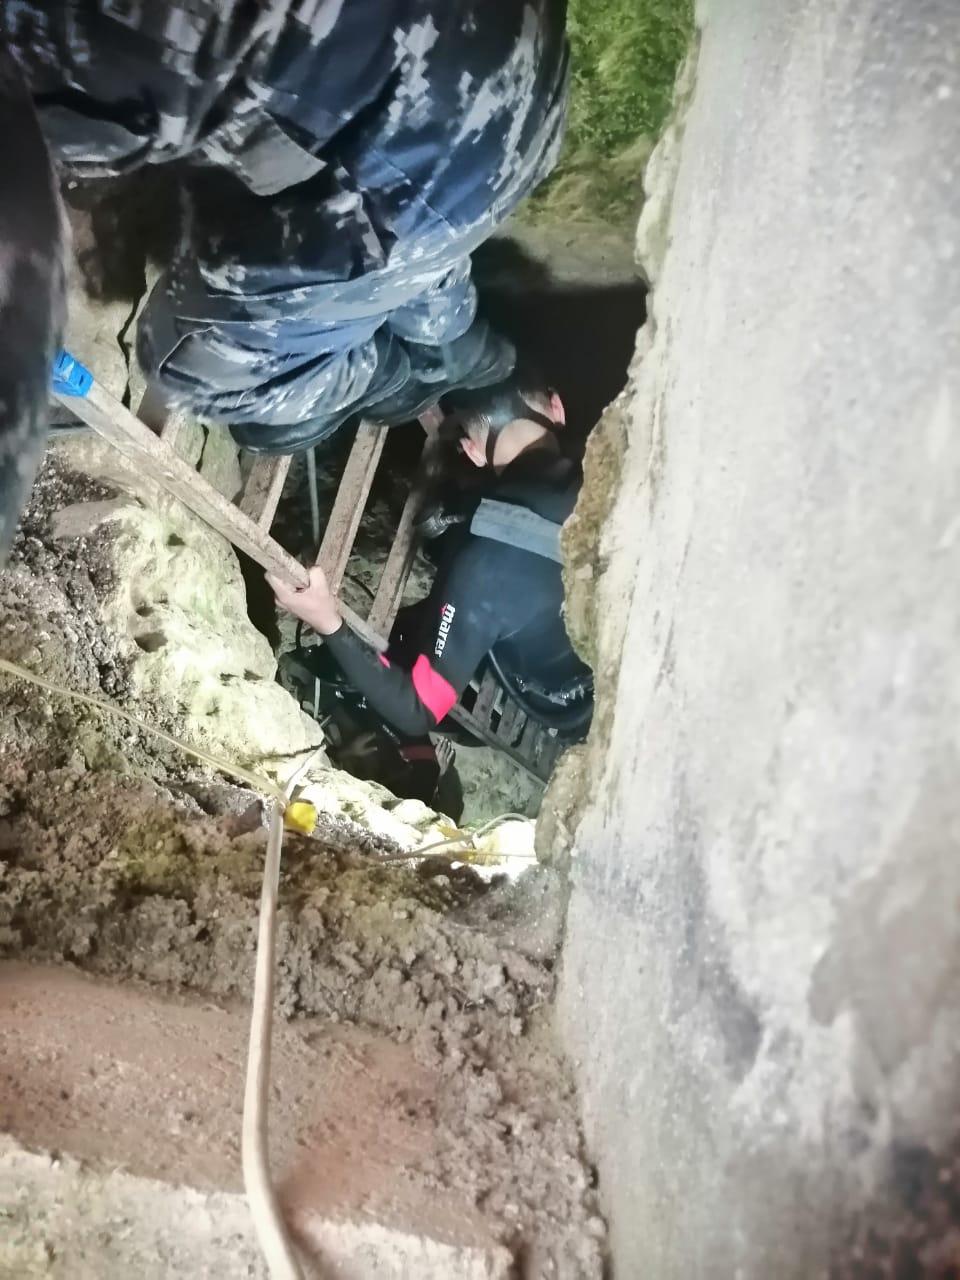 بالصور ..  الدفاع المدني يتعامل مع حادثة إنهيار مغارة على شخصين في اربد